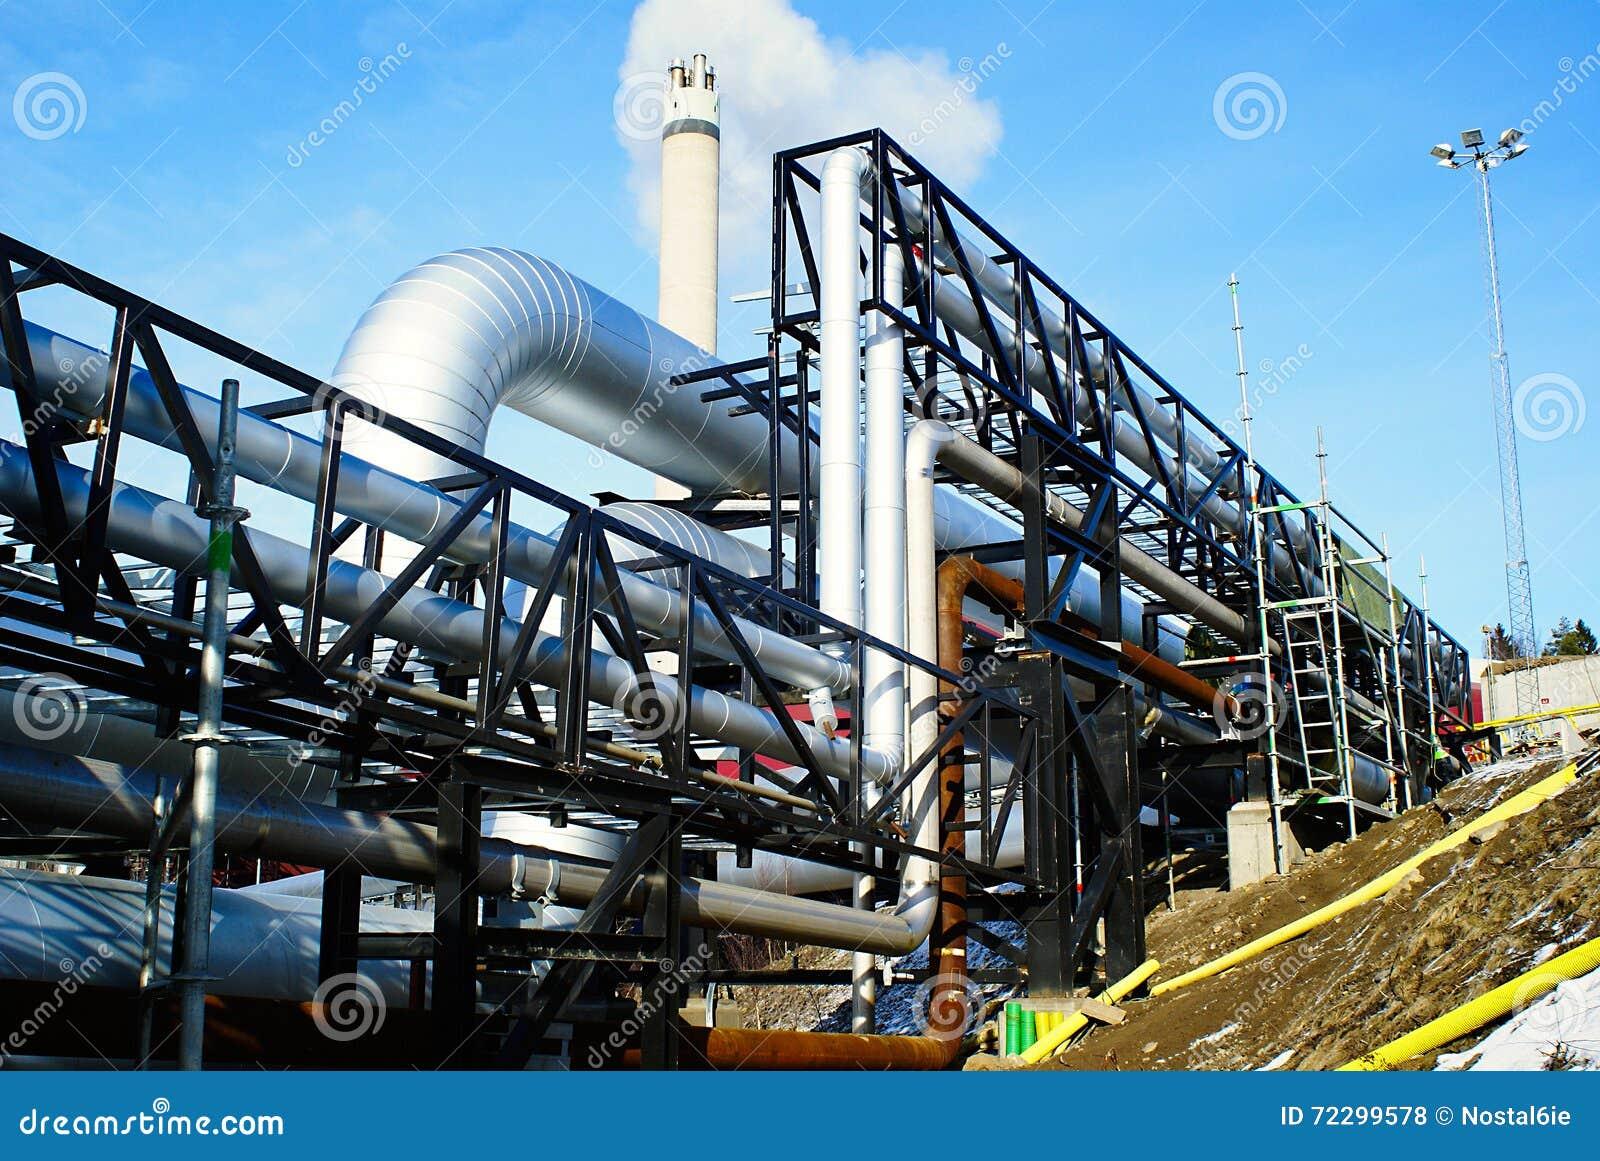 Download Промышленные стальные трубопроводы и клапаны против голубого неба Стоковое Фото - изображение насчитывающей изоляция, backhoe: 72299578